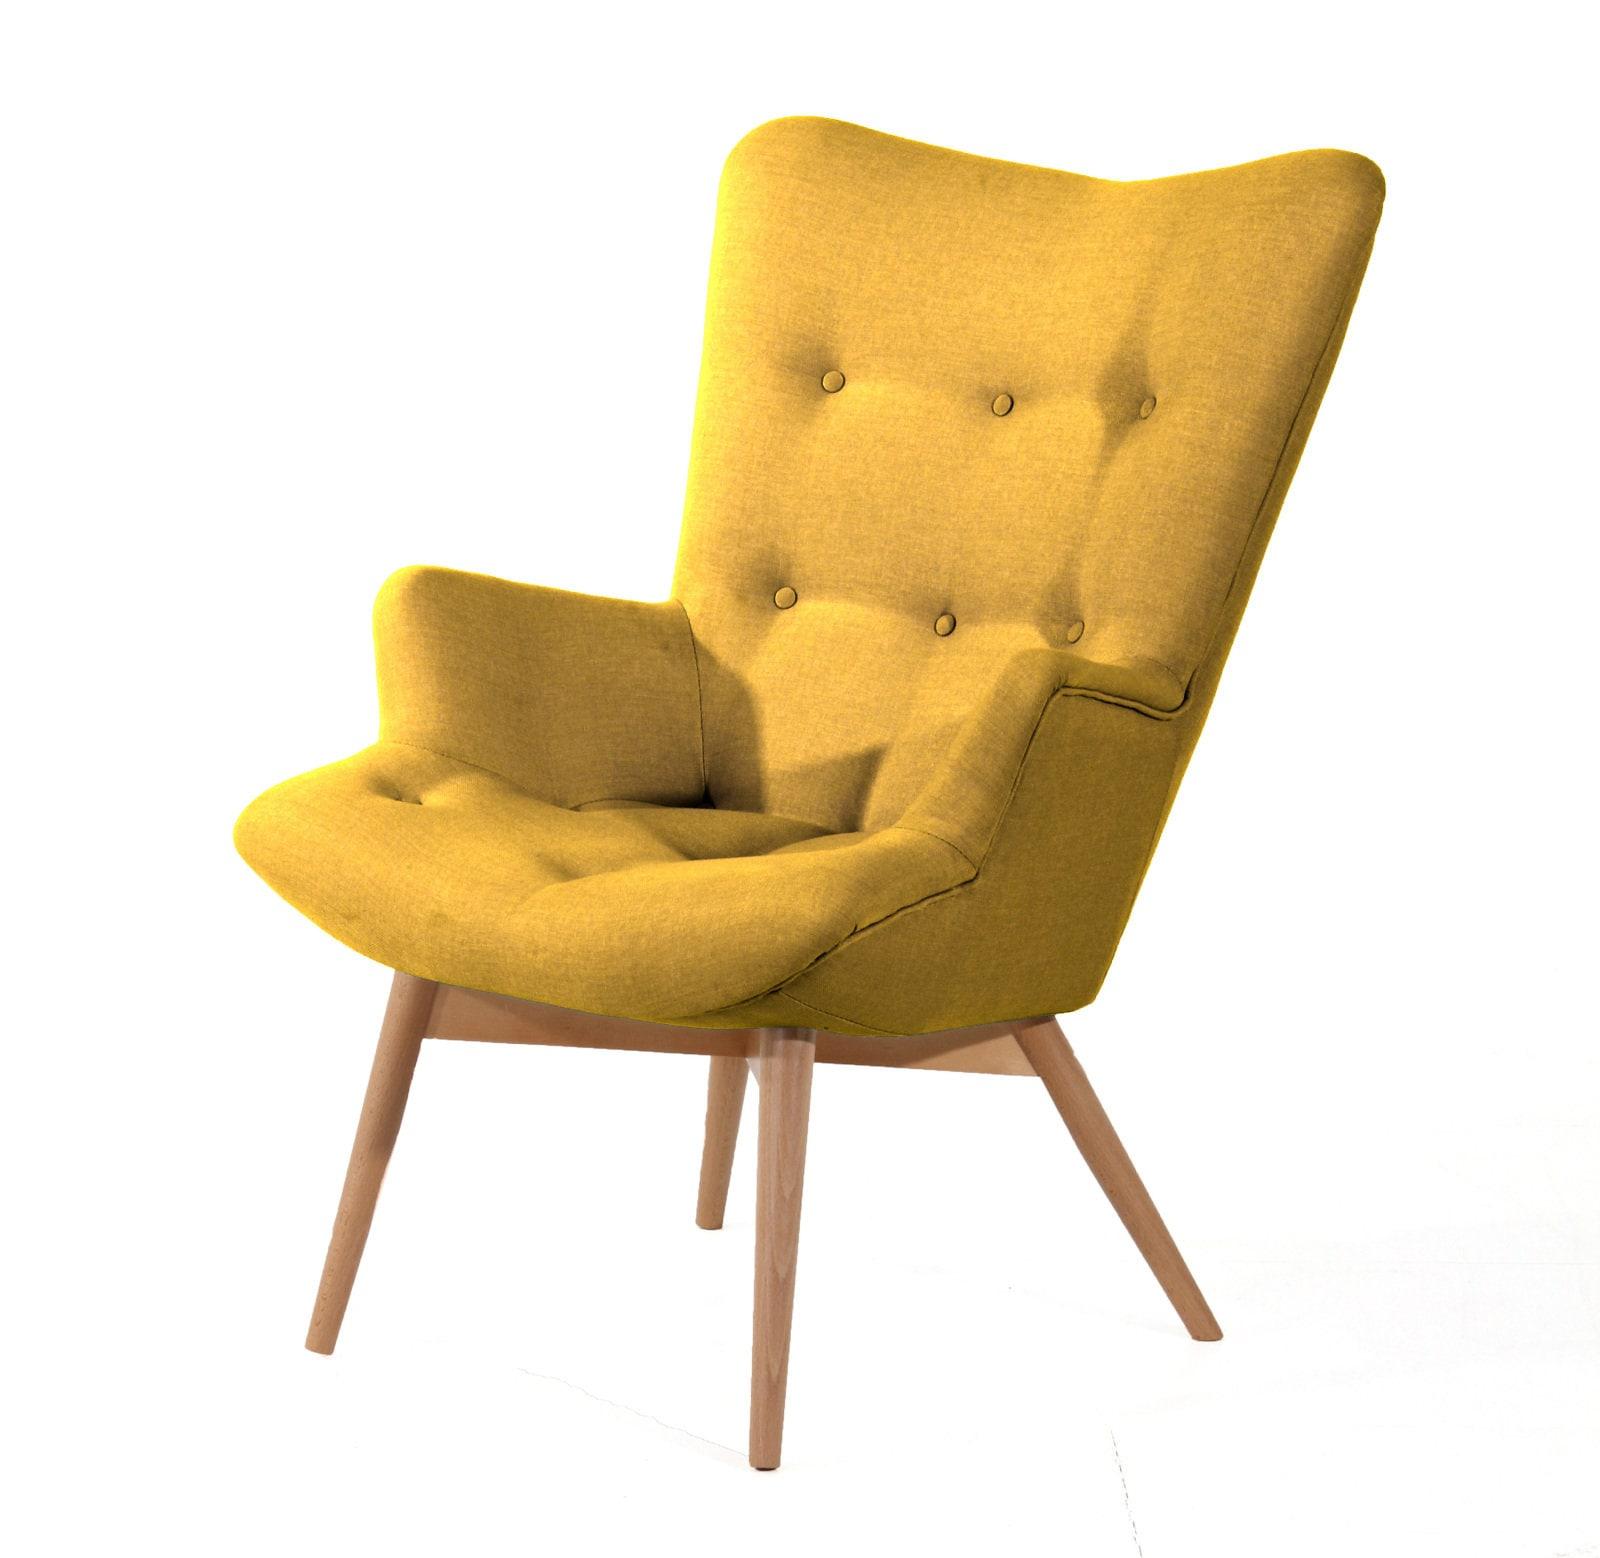 Full Size of Ikea Relaxsessel Sessel Elektrisch Garten Mit Hocker Kinder Strandmon Grau Gebraucht Leder Betten Bei Küche Kosten Miniküche Sofa Schlaffunktion Aldi Wohnzimmer Ikea Relaxsessel